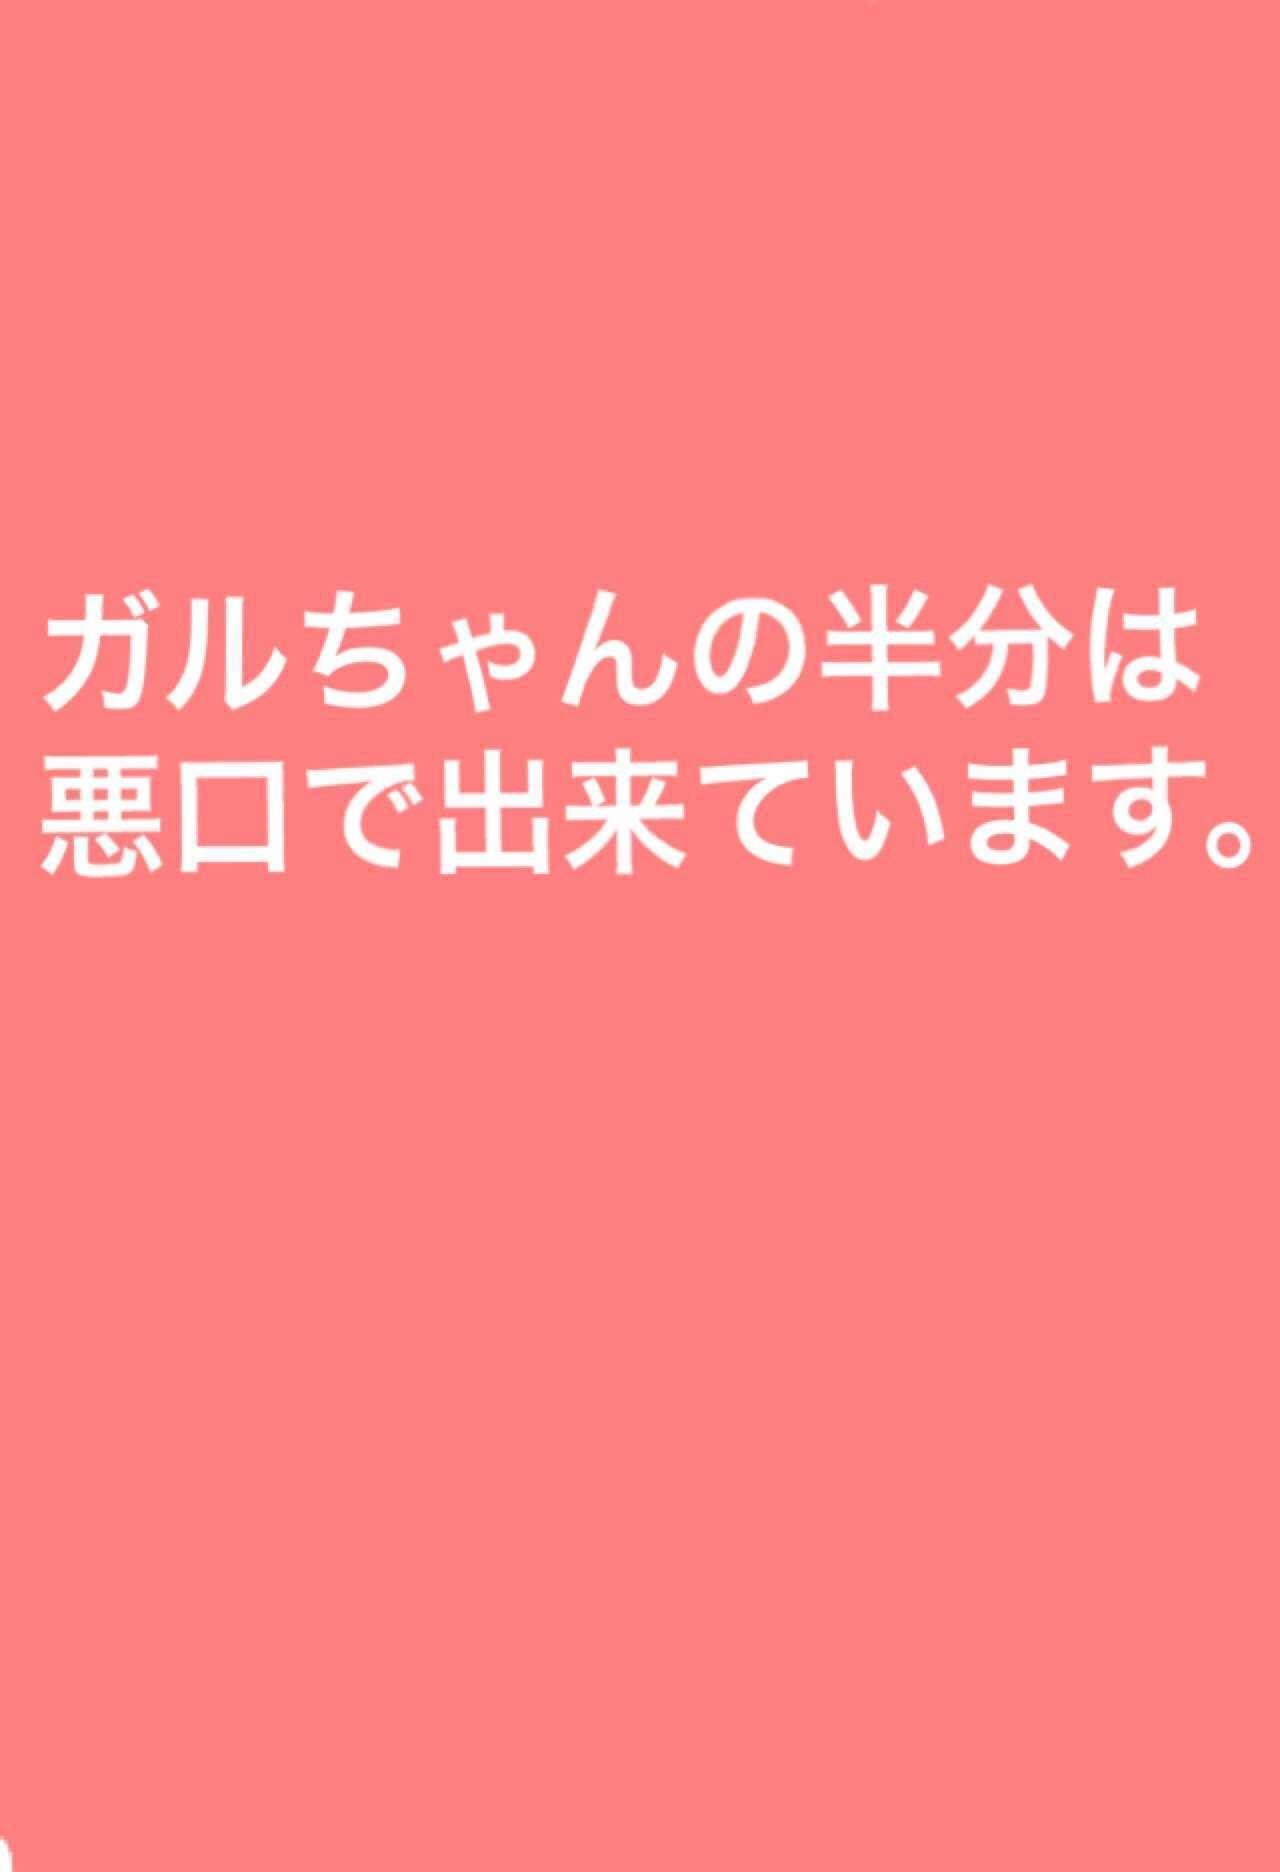 木村拓哉、松山ケンイチ無視の「フレンドパーク」ワンマンホッケーに視聴者があ然!